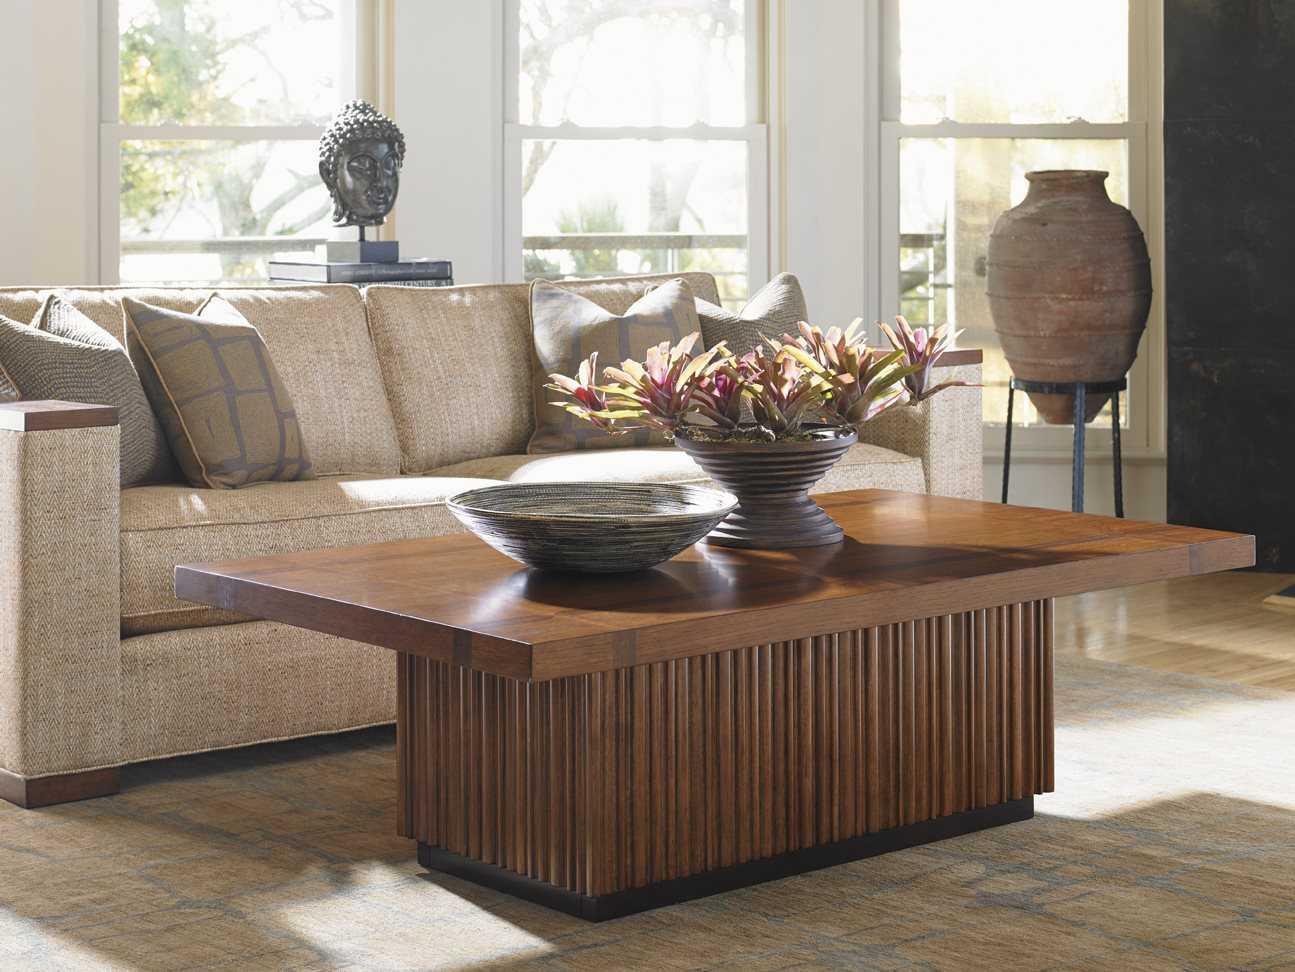 Tommy bahama island fusion castaway sebana living room set to556945set - Tommy bahama living room decorating ideas ...